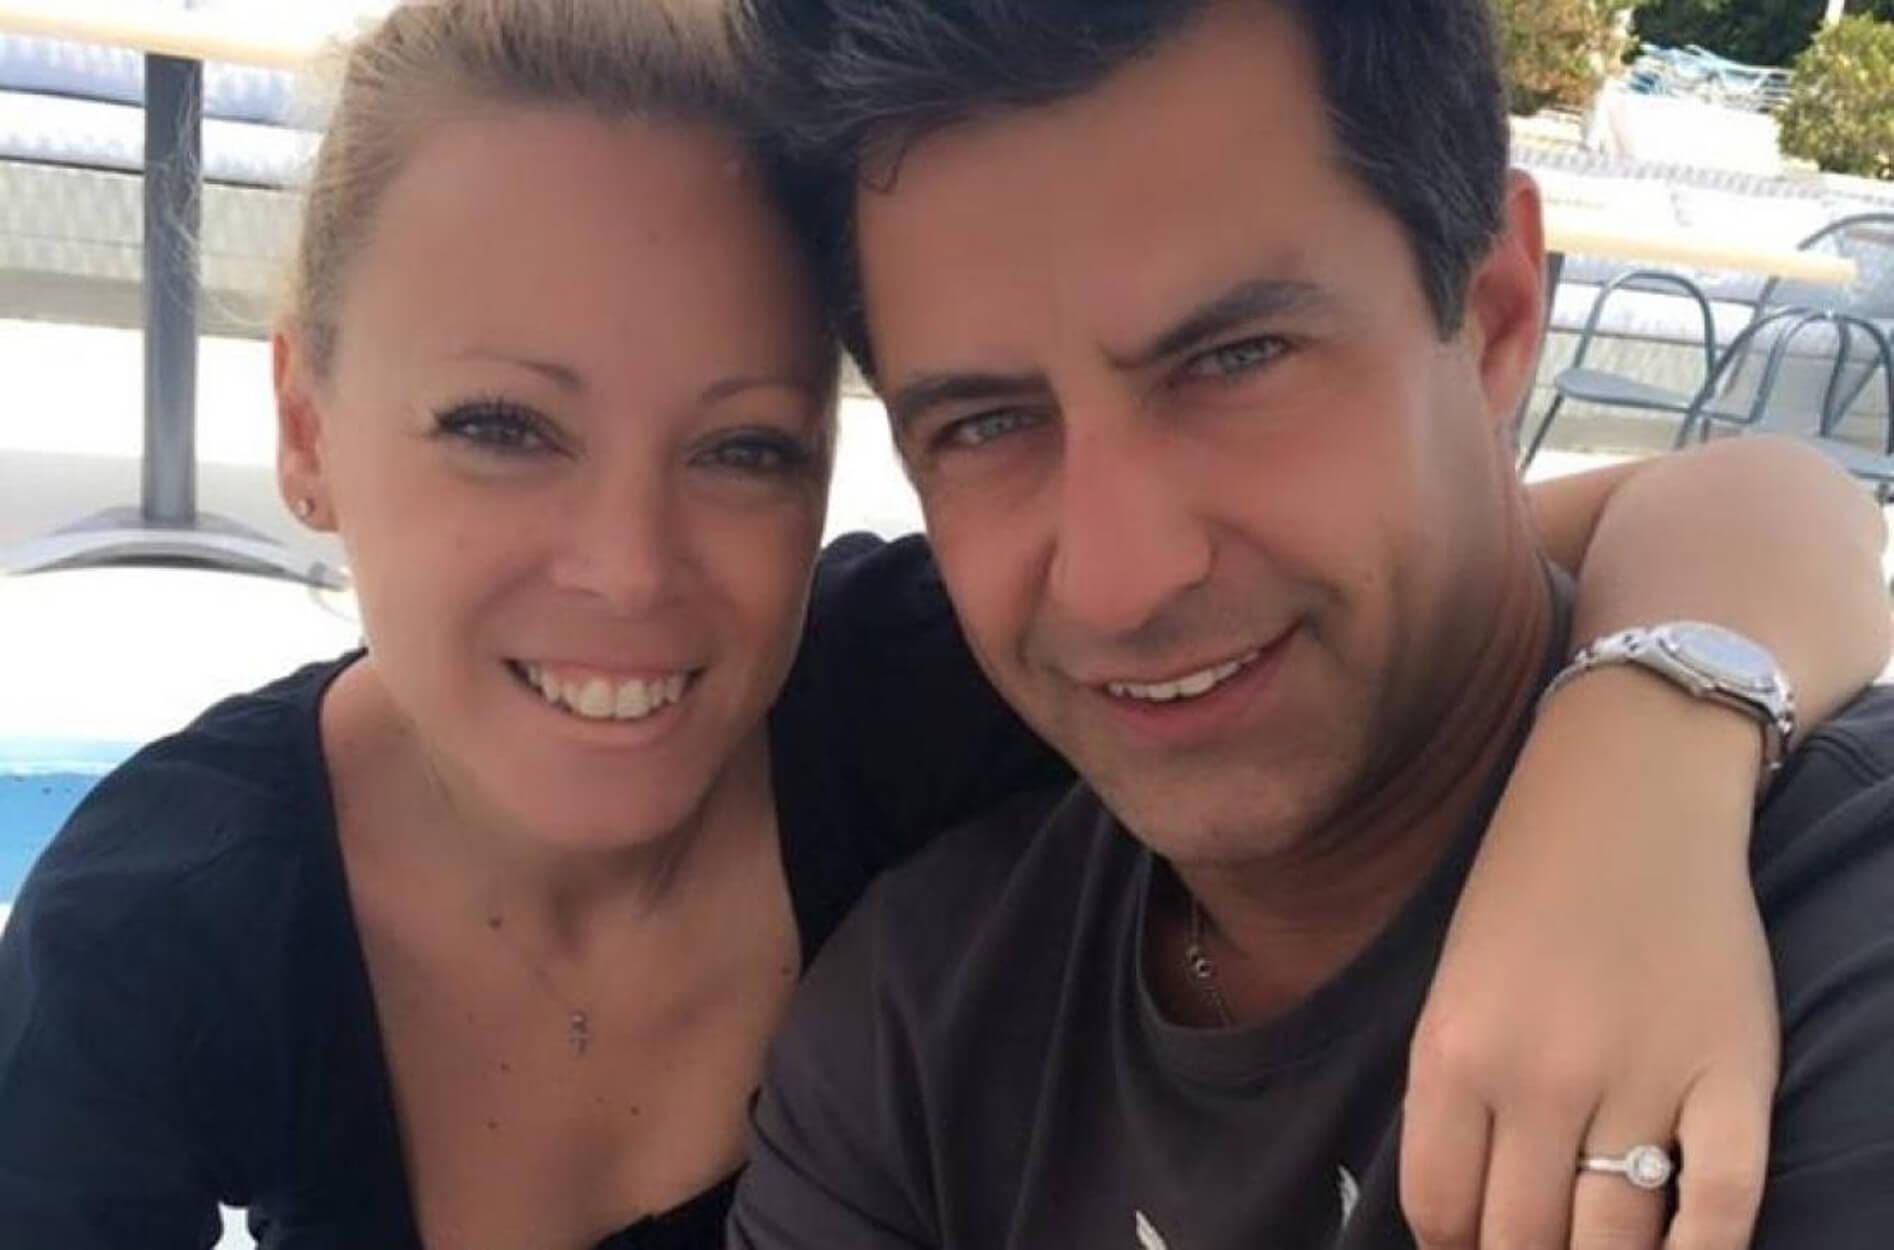 Κωνσταντίνος Αγγελίδης: Συγκλονίζει η σύζυγός του με το μήνυμα και τον απολογισμό του τροχαίου